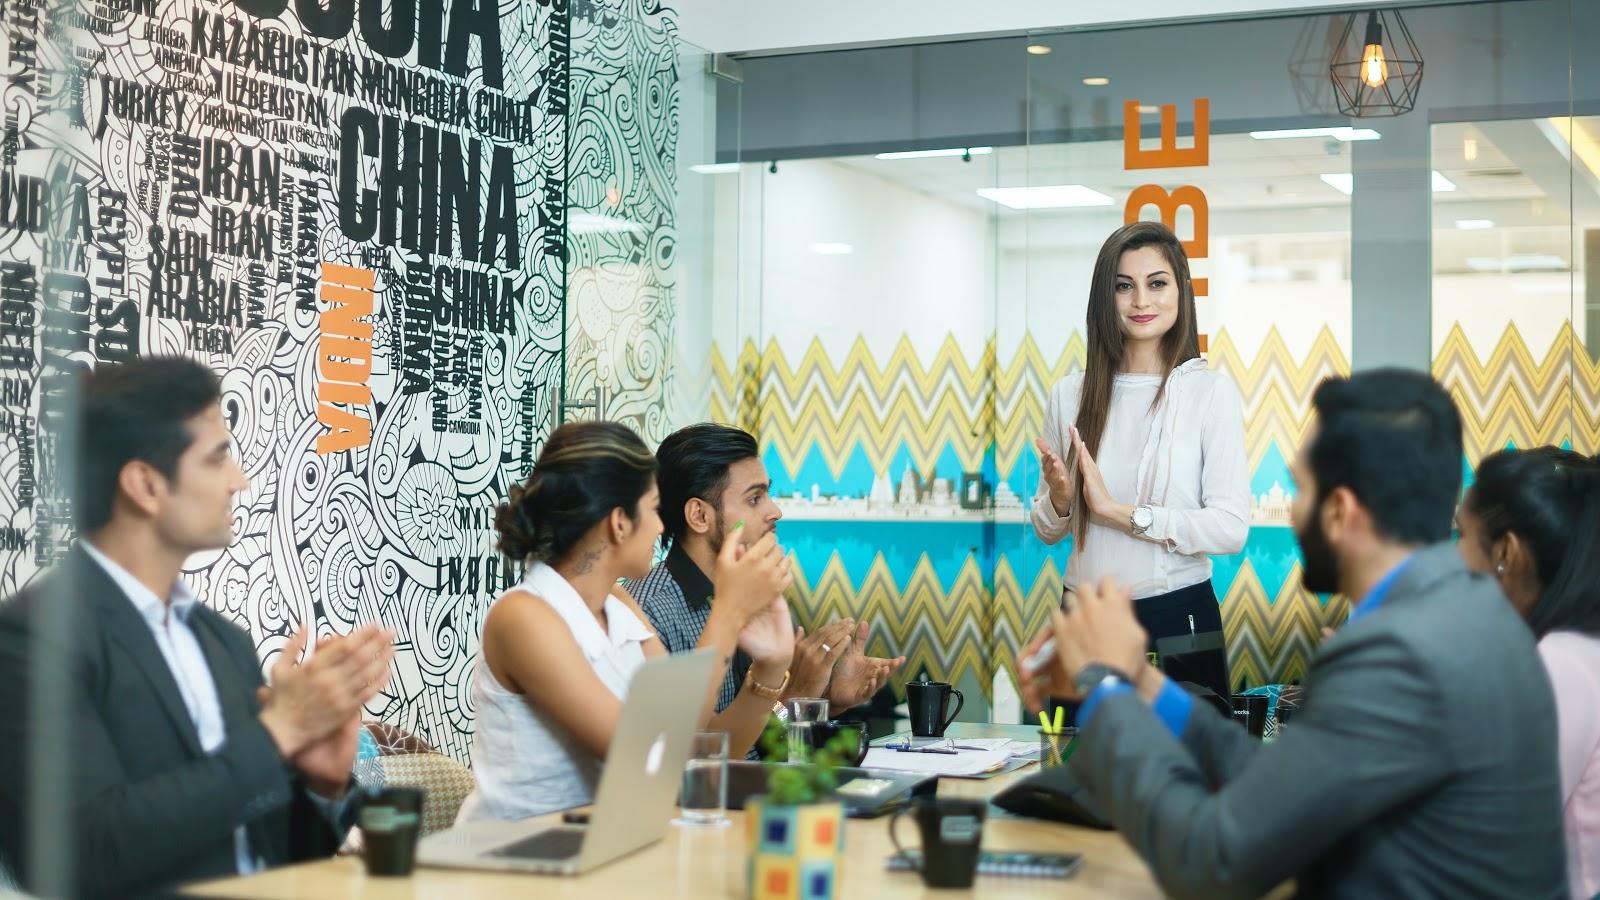 talent acquisition - Uma mulher de pé e outros funcionários sentados batendo palmas.